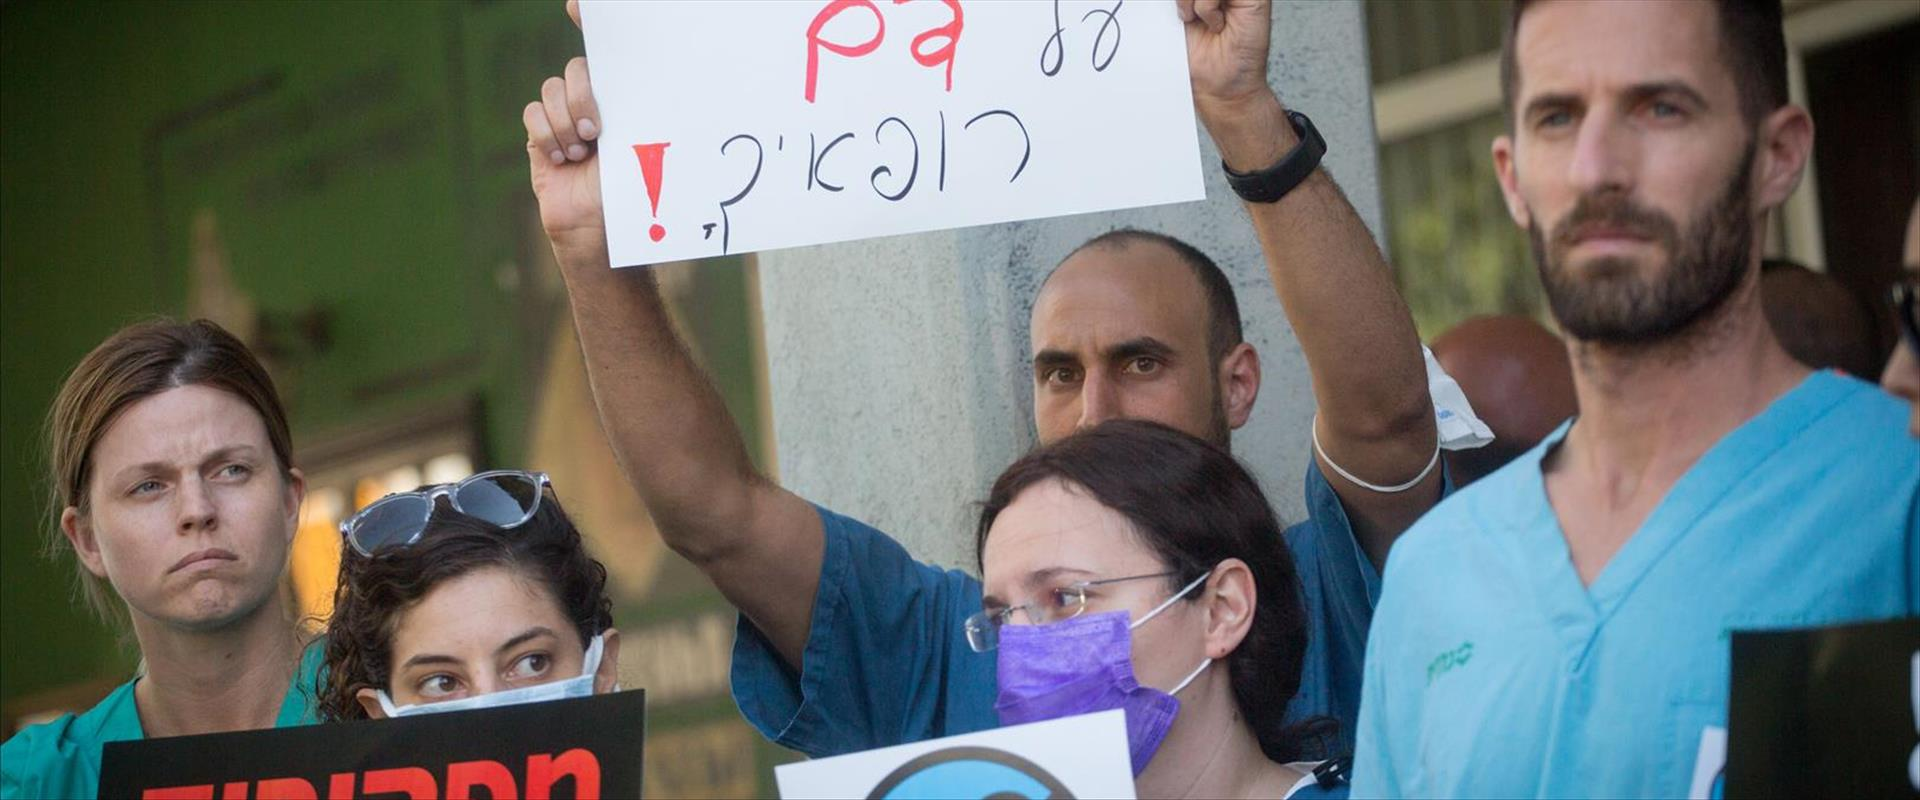 מחאת המתמחים מול משרד הבריאות בתל אביב, אתמול